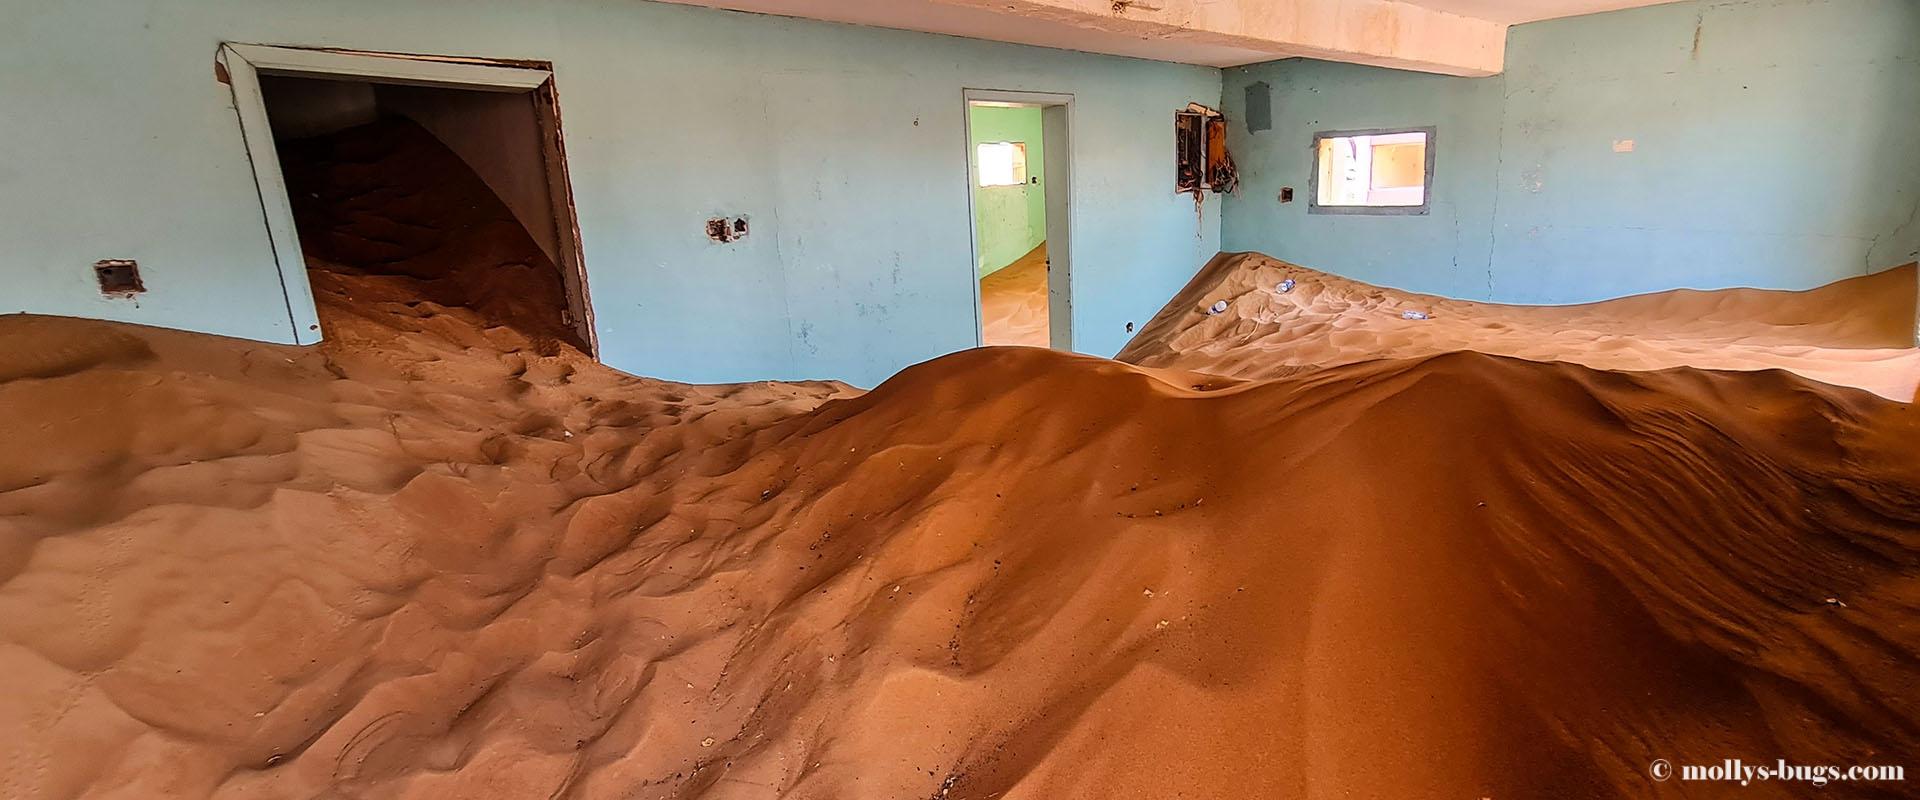 sands-in-desert-1.jpg